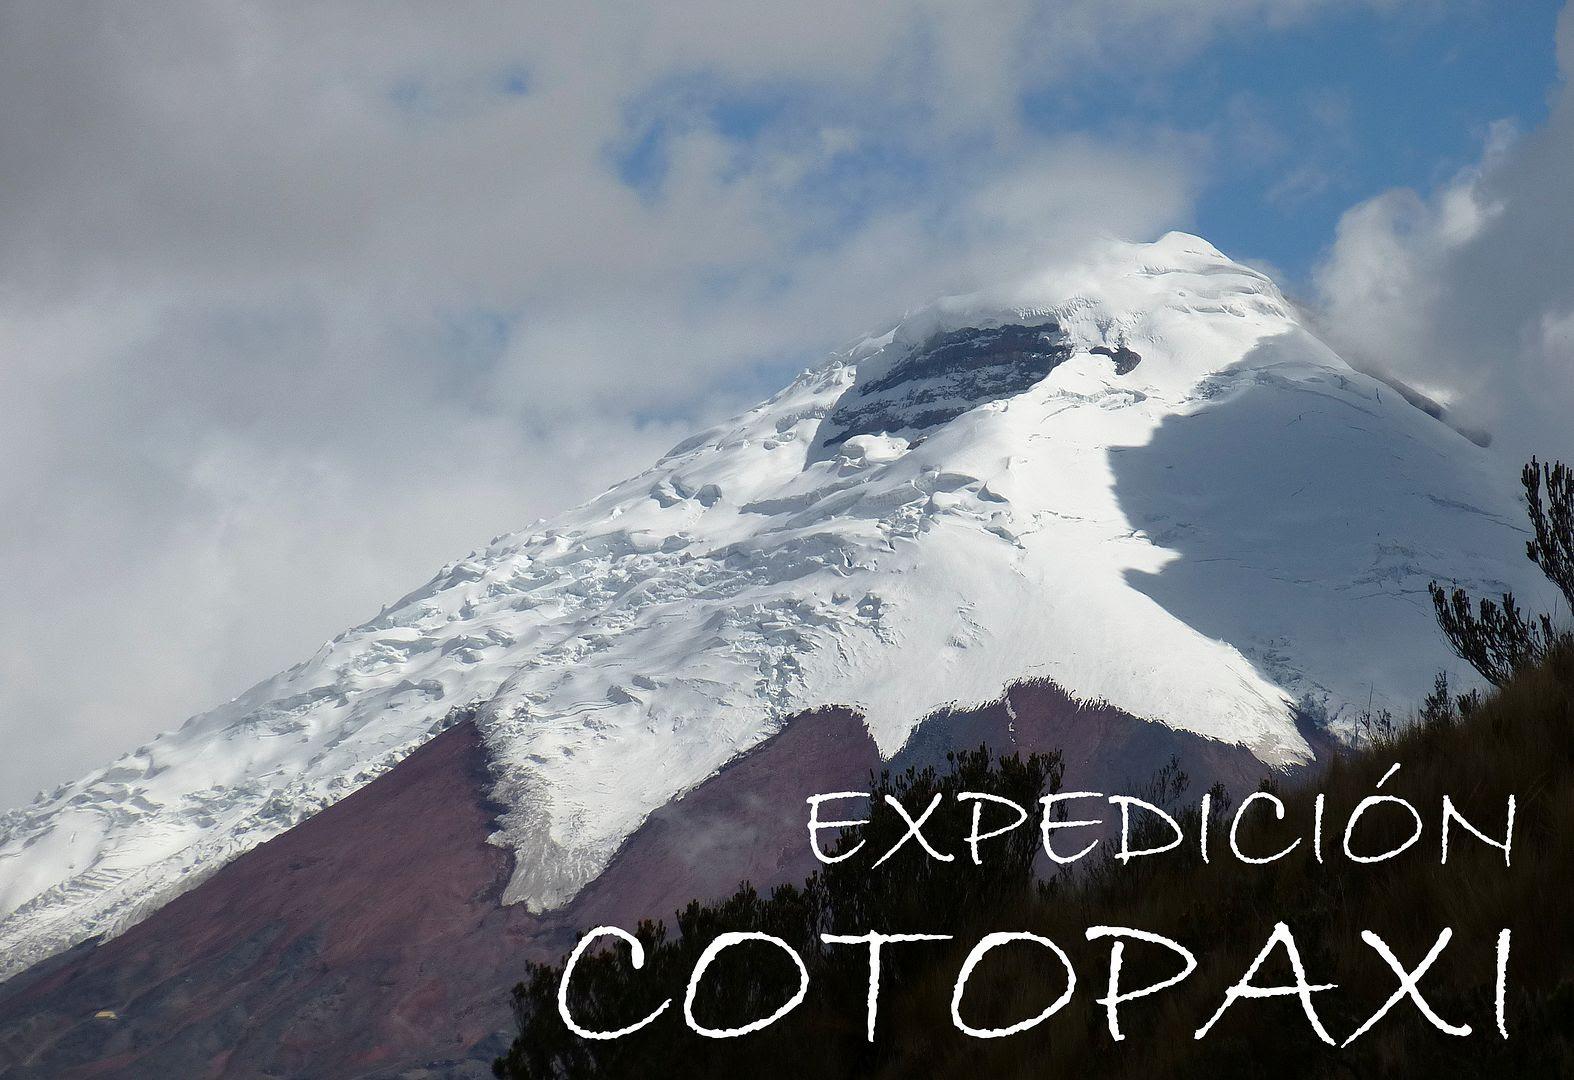 · 2012/12 COTOPAXI (5.897 M) CORDILLERA ANDES (ECUADOR)